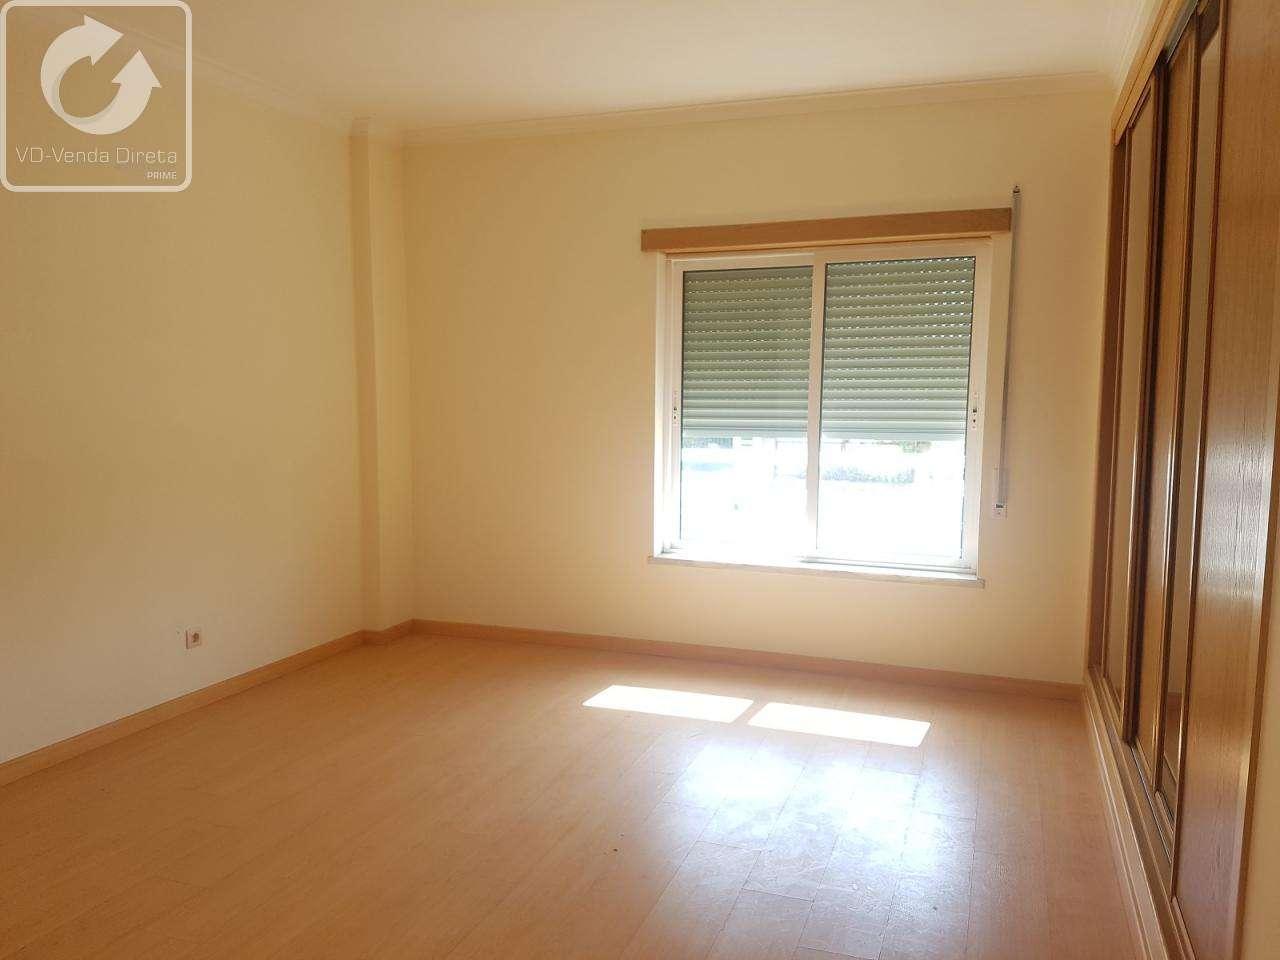 Apartamento para comprar, Pinhal Novo, Setúbal - Foto 34